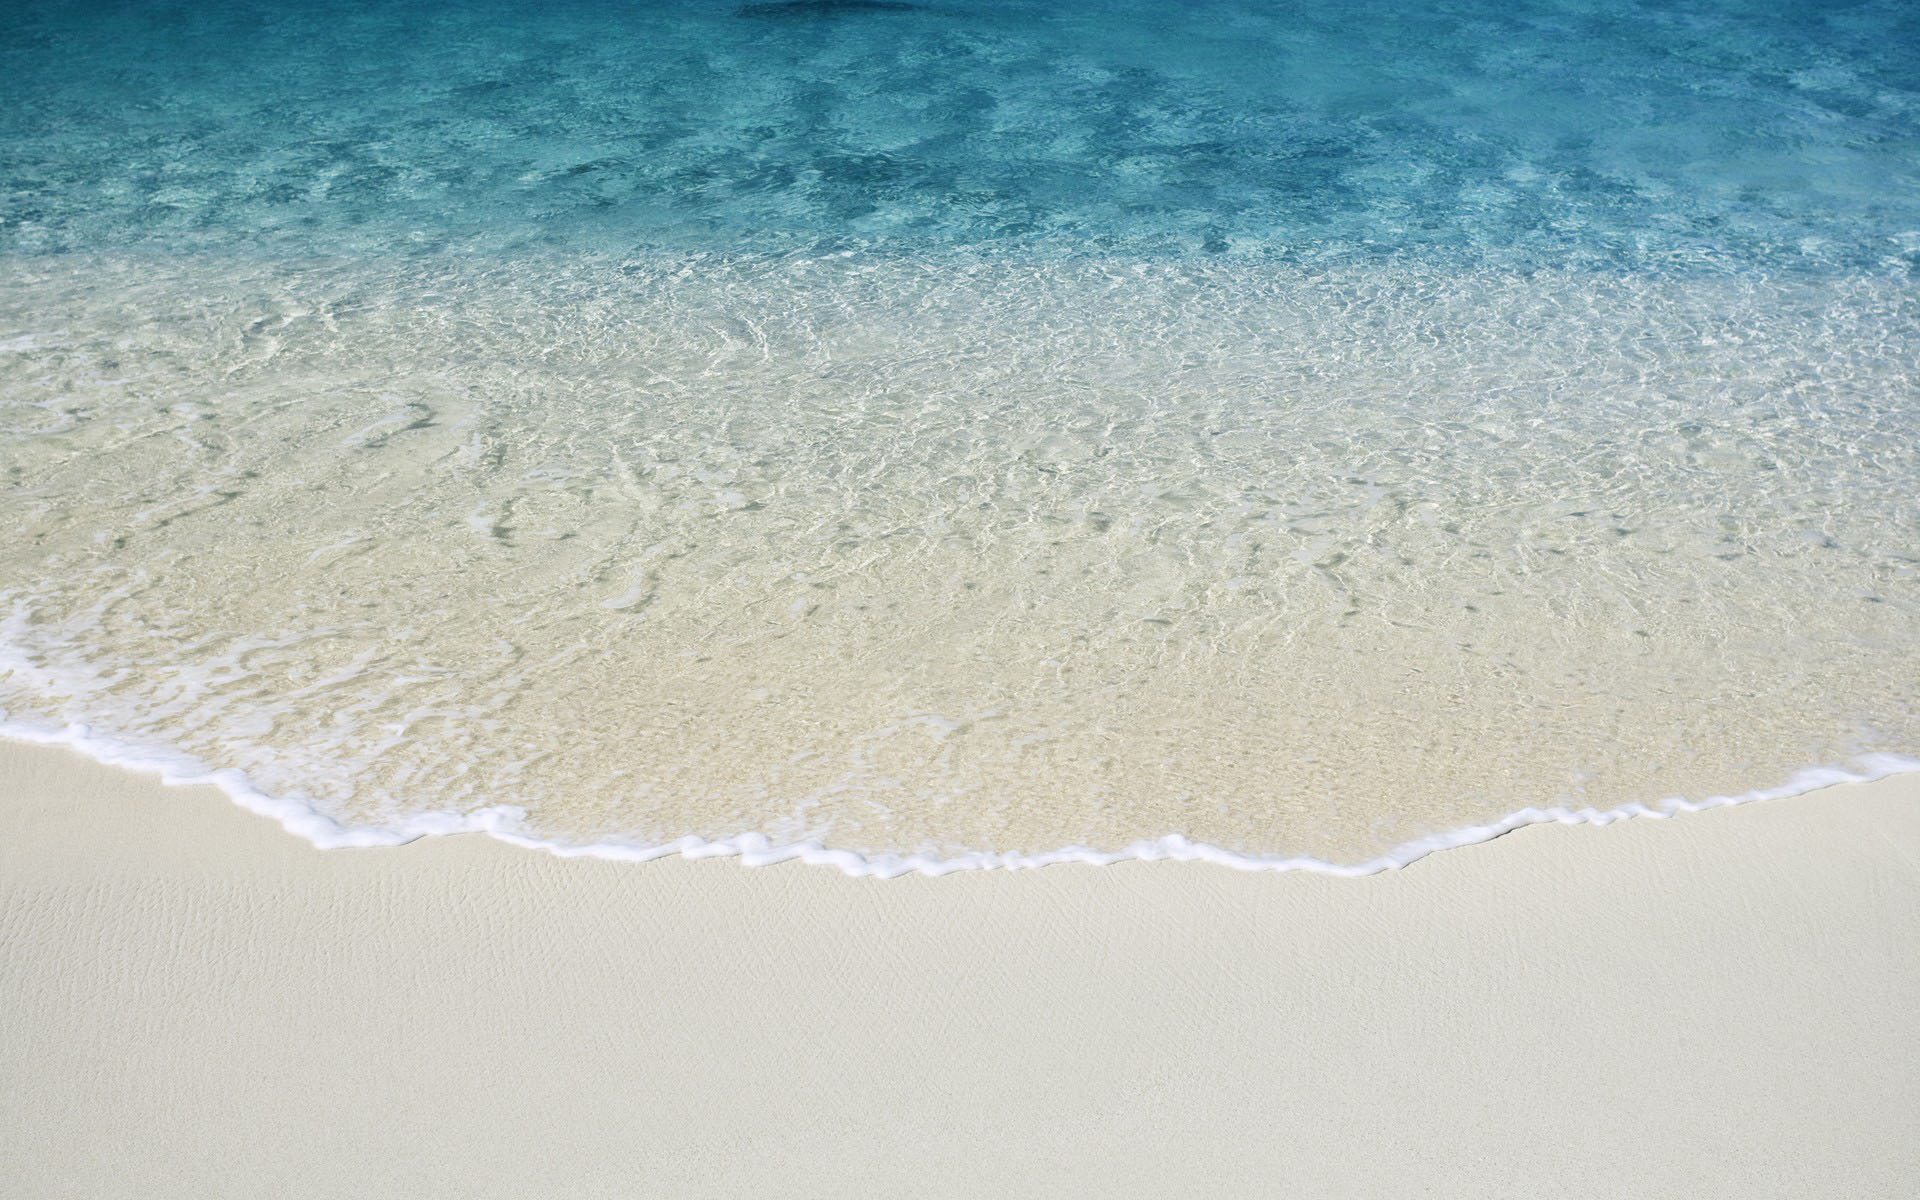 Photo Collection Os X Mavericks Wallpaper Beach